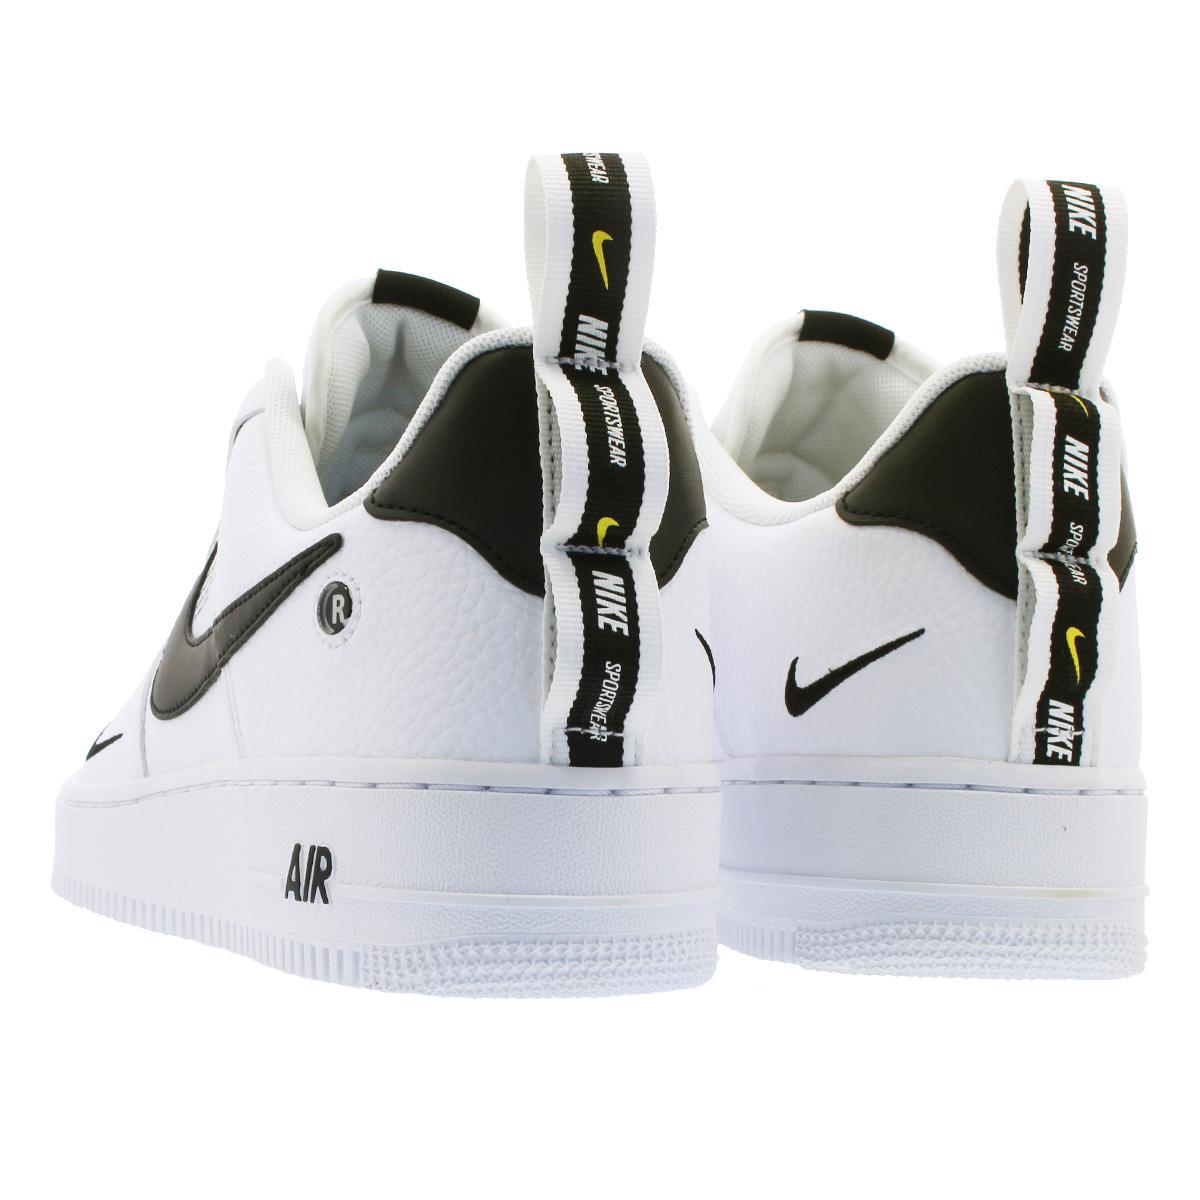 NIKE AIR FORCE 1 '07 LV8 UTILITY Nike air force 1 '07 LV8 utility WHITEWHITEBLACKTOUR YELLOW aj7747 100